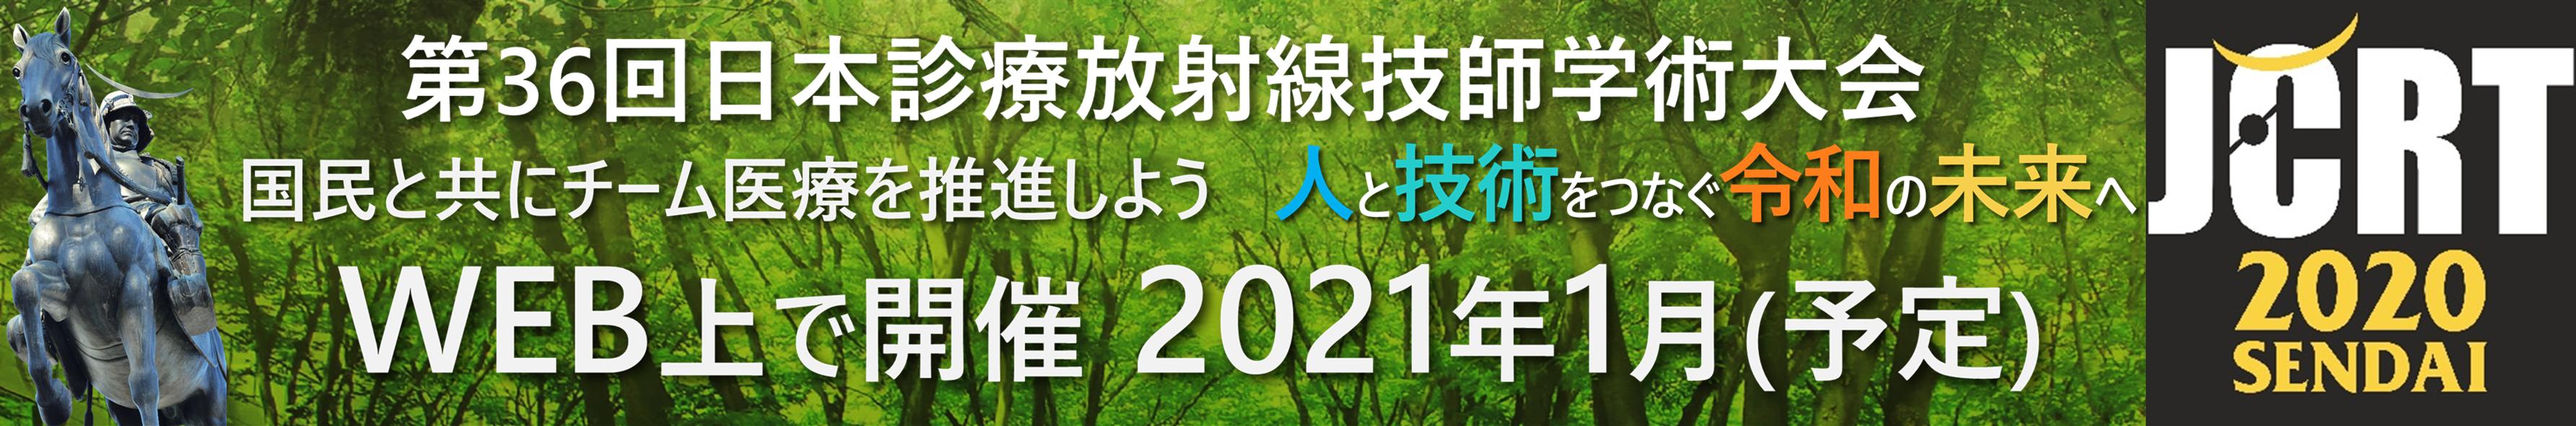 第36回日本診療放射線技師会学術大会